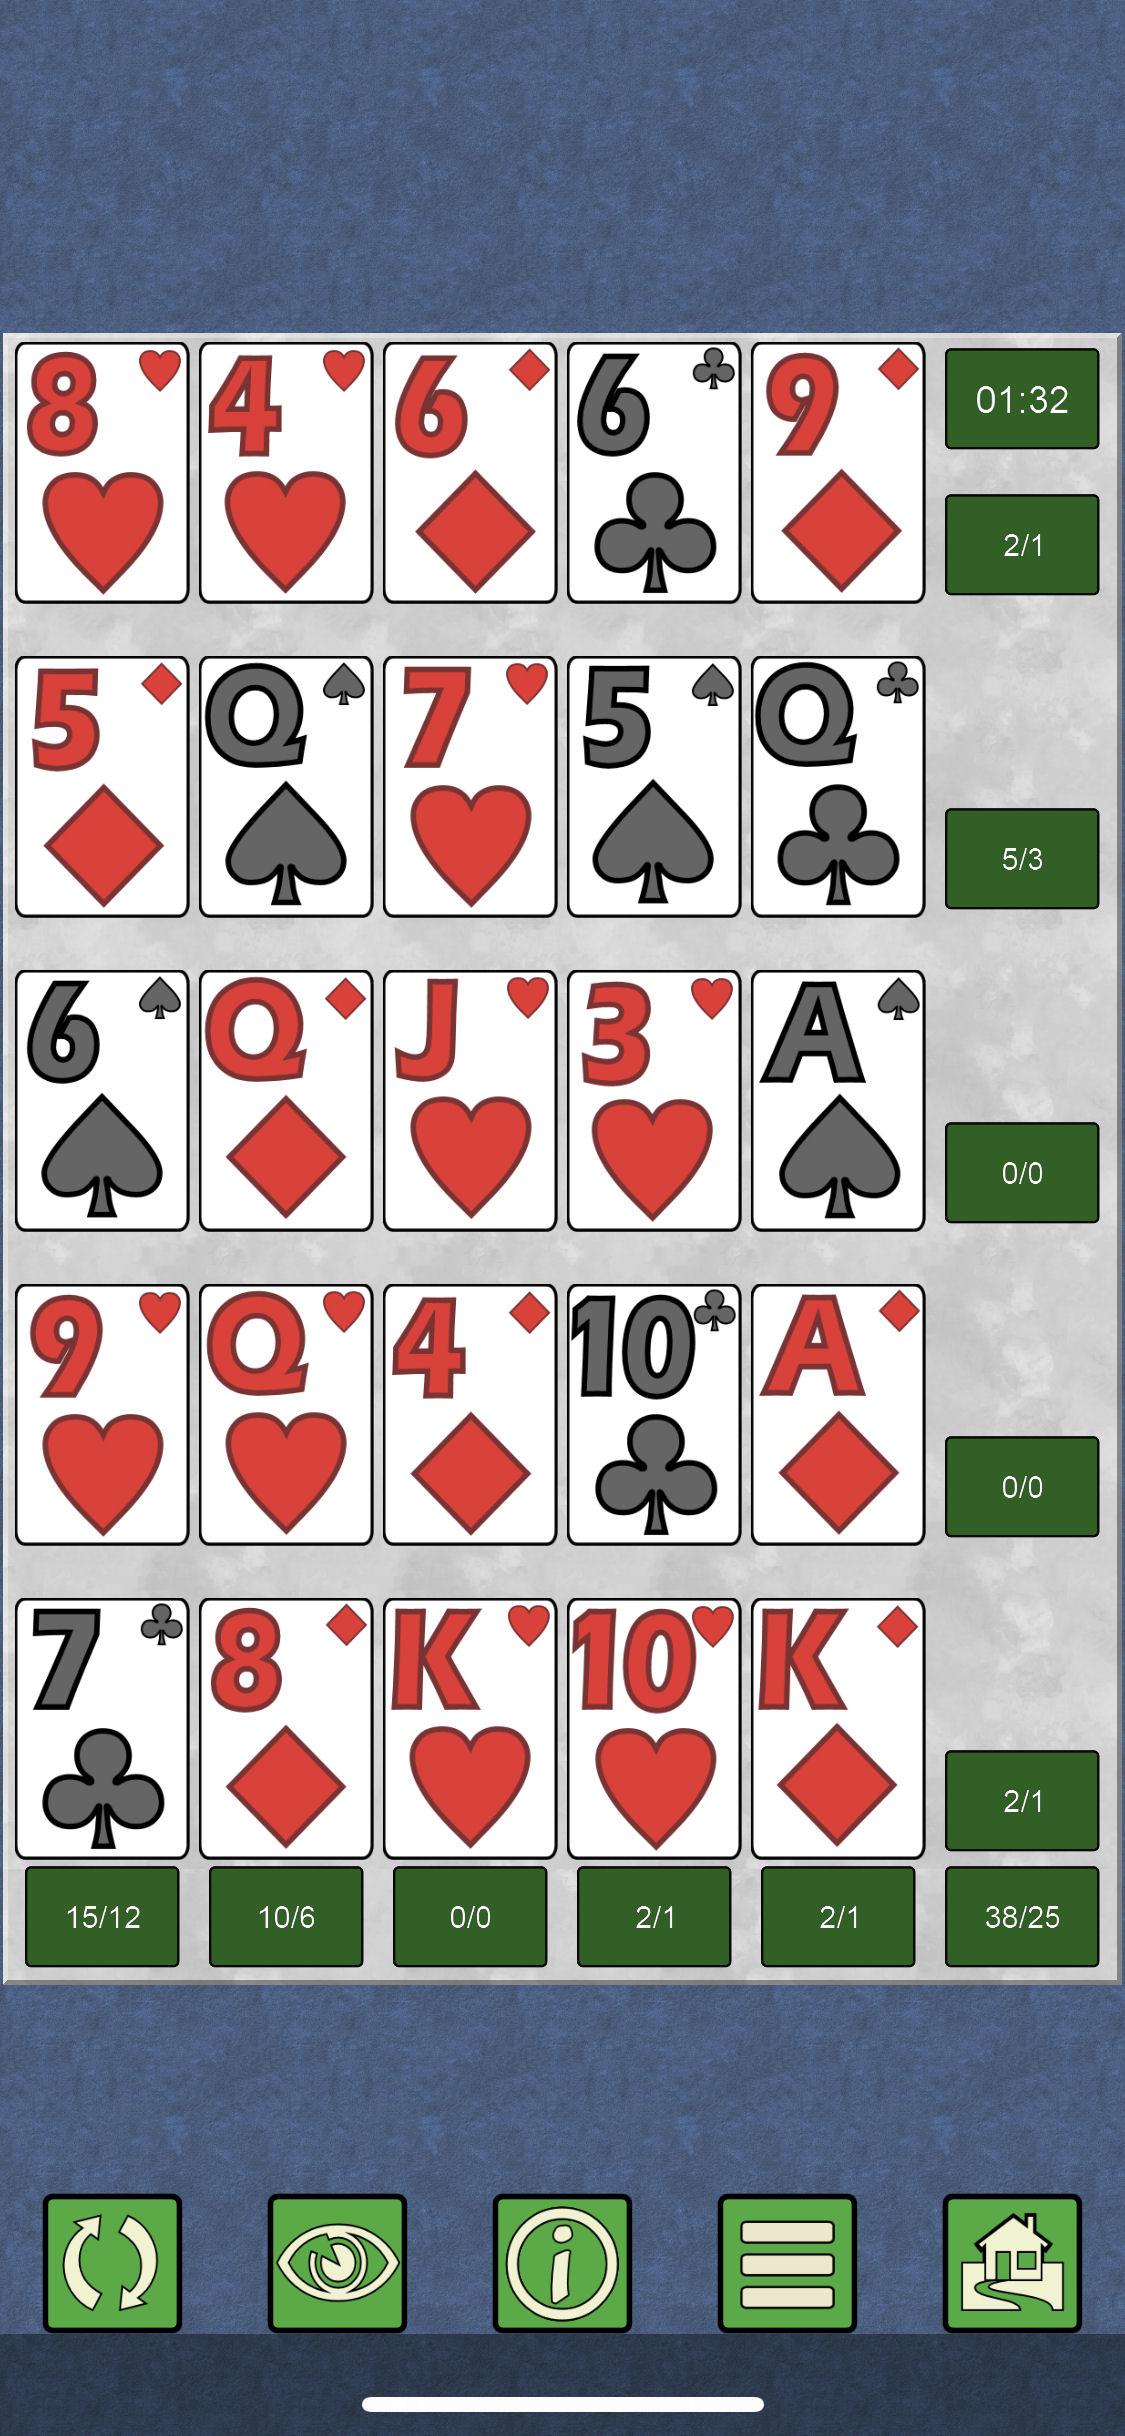 PokerSol_2_1125x2436